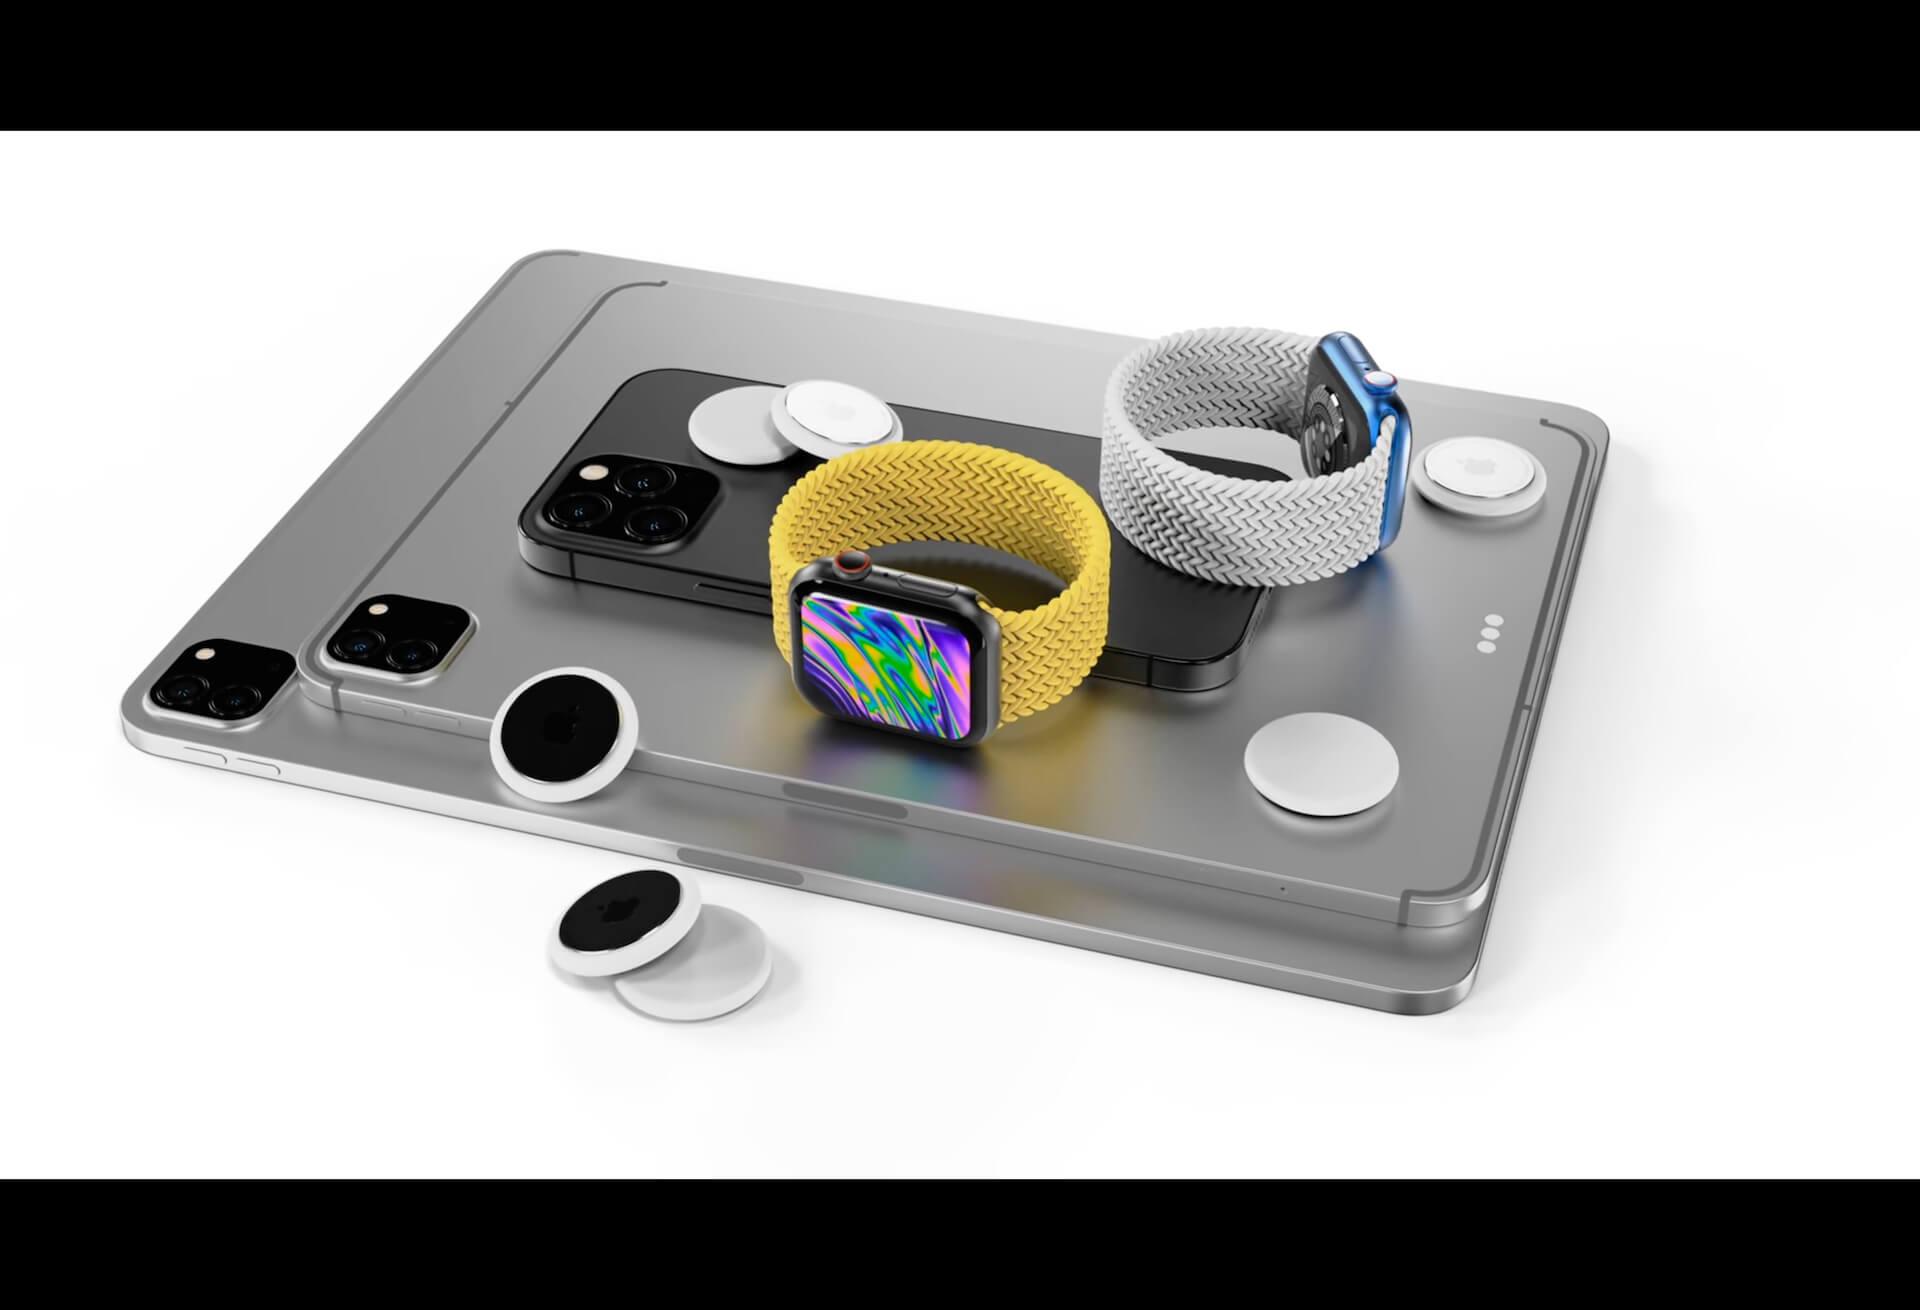 4月20日のApple新製品発表イベントで新型iPad Proは発表確実か?Apple Watchを使ってiPhoneのFace IDを解除できるiOS 14.5のリリースの可能性も tech210414_ipadpro_main